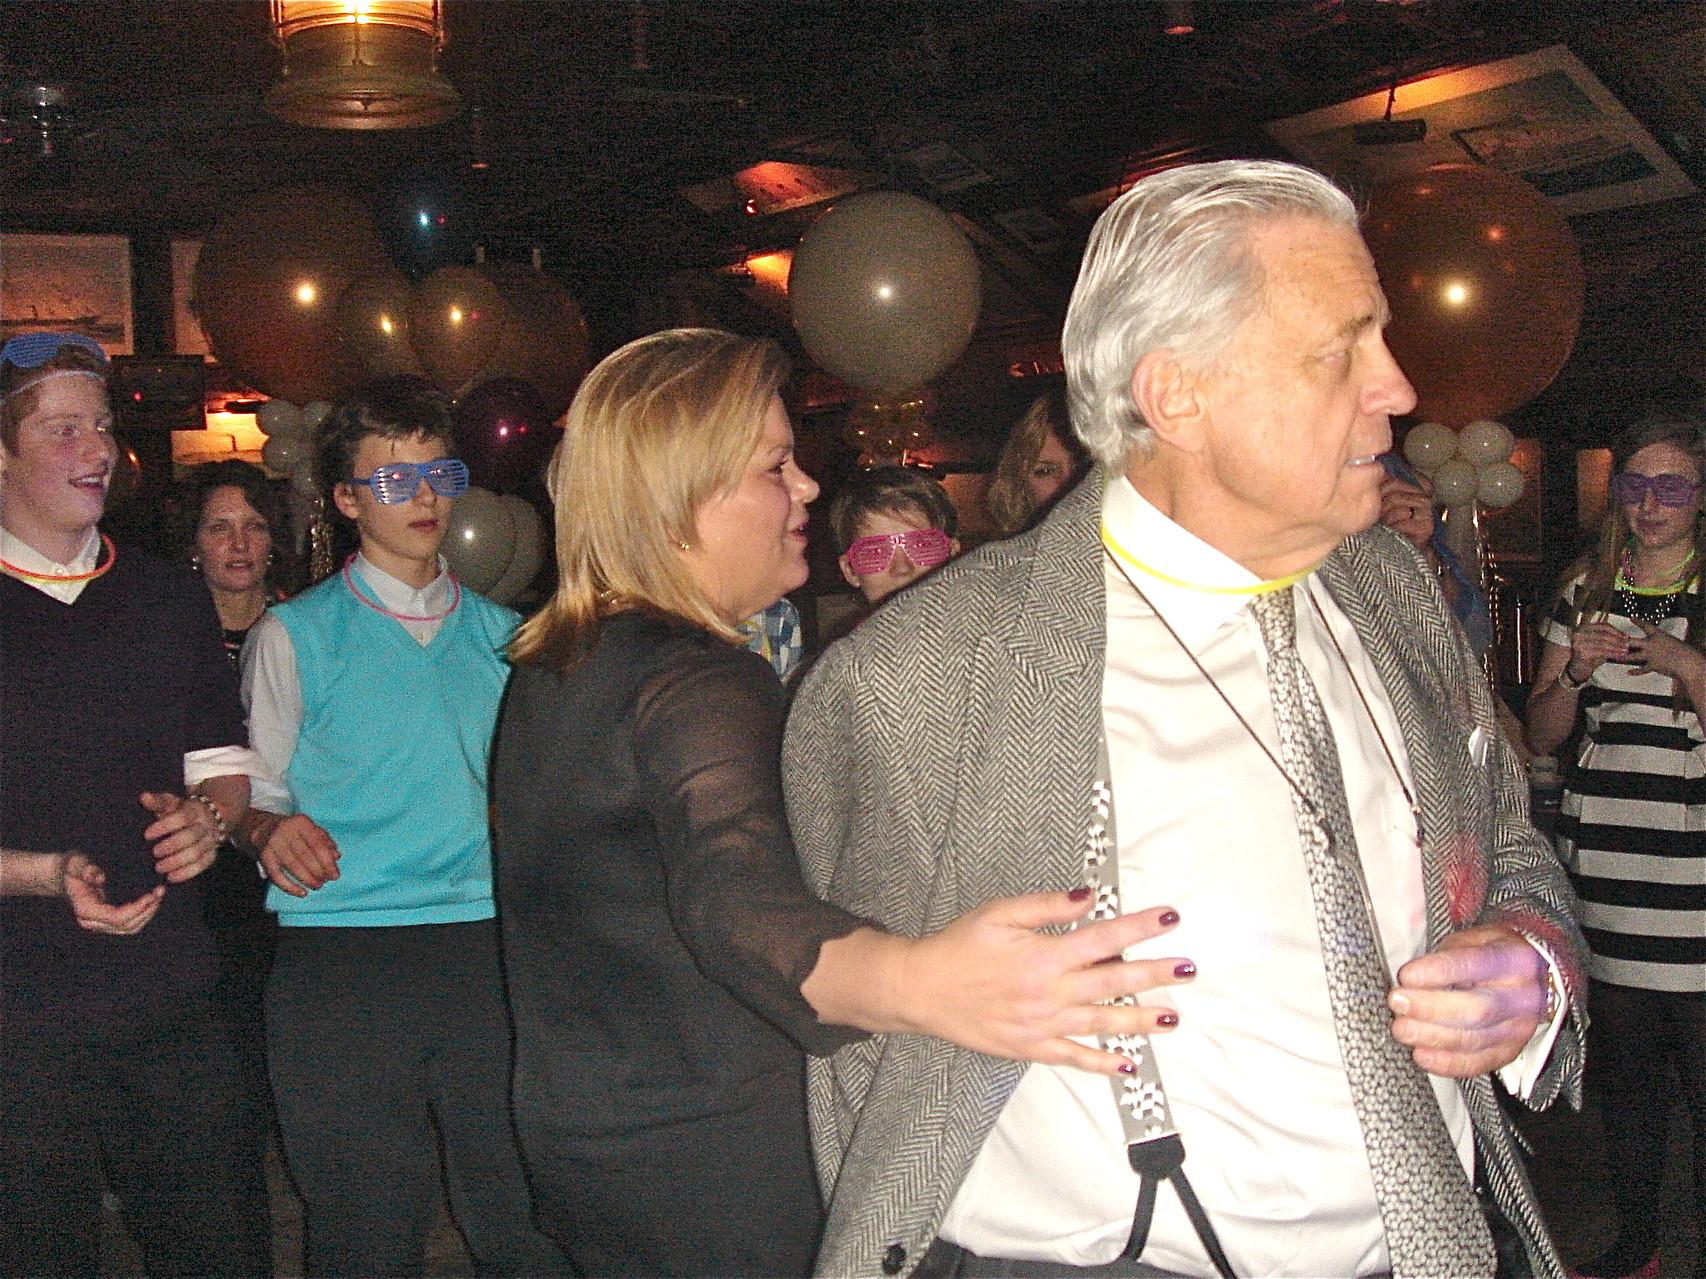 Celeste & Stuart Sr. start dancing... Son Jack in background.